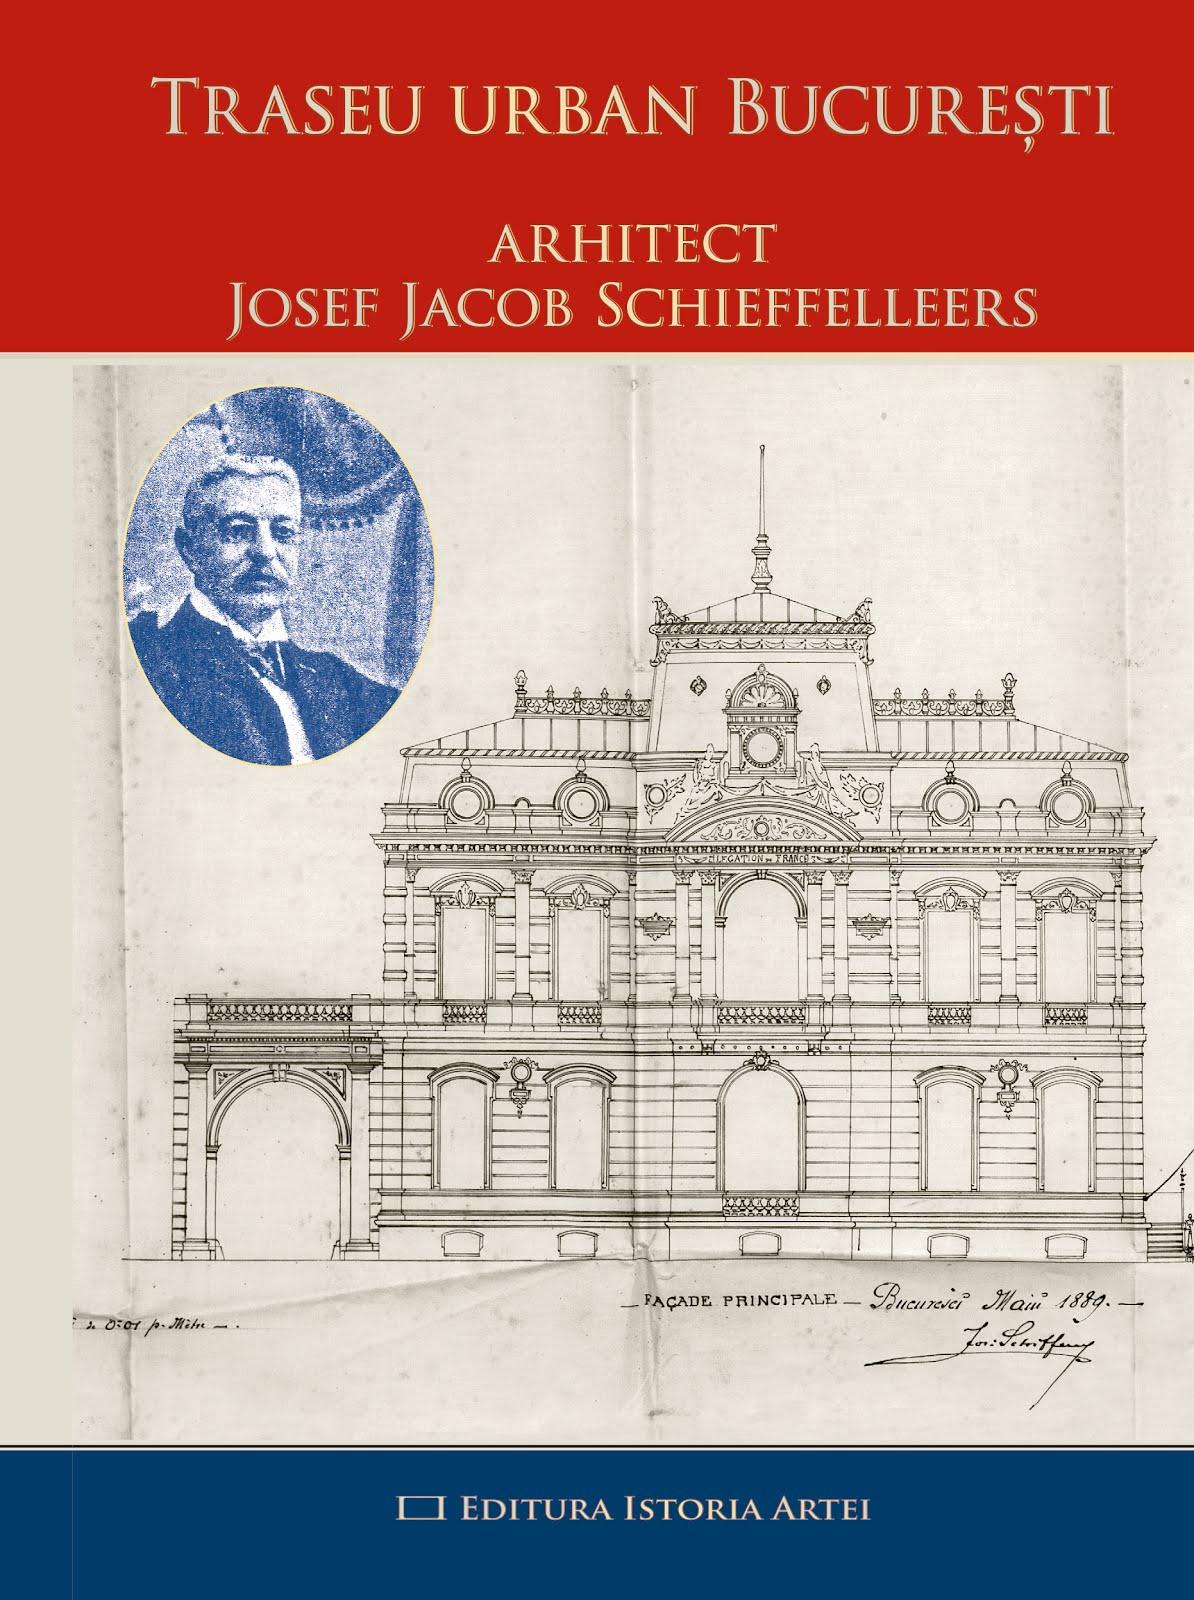 Traseu Jacob Josef Schieffelleers